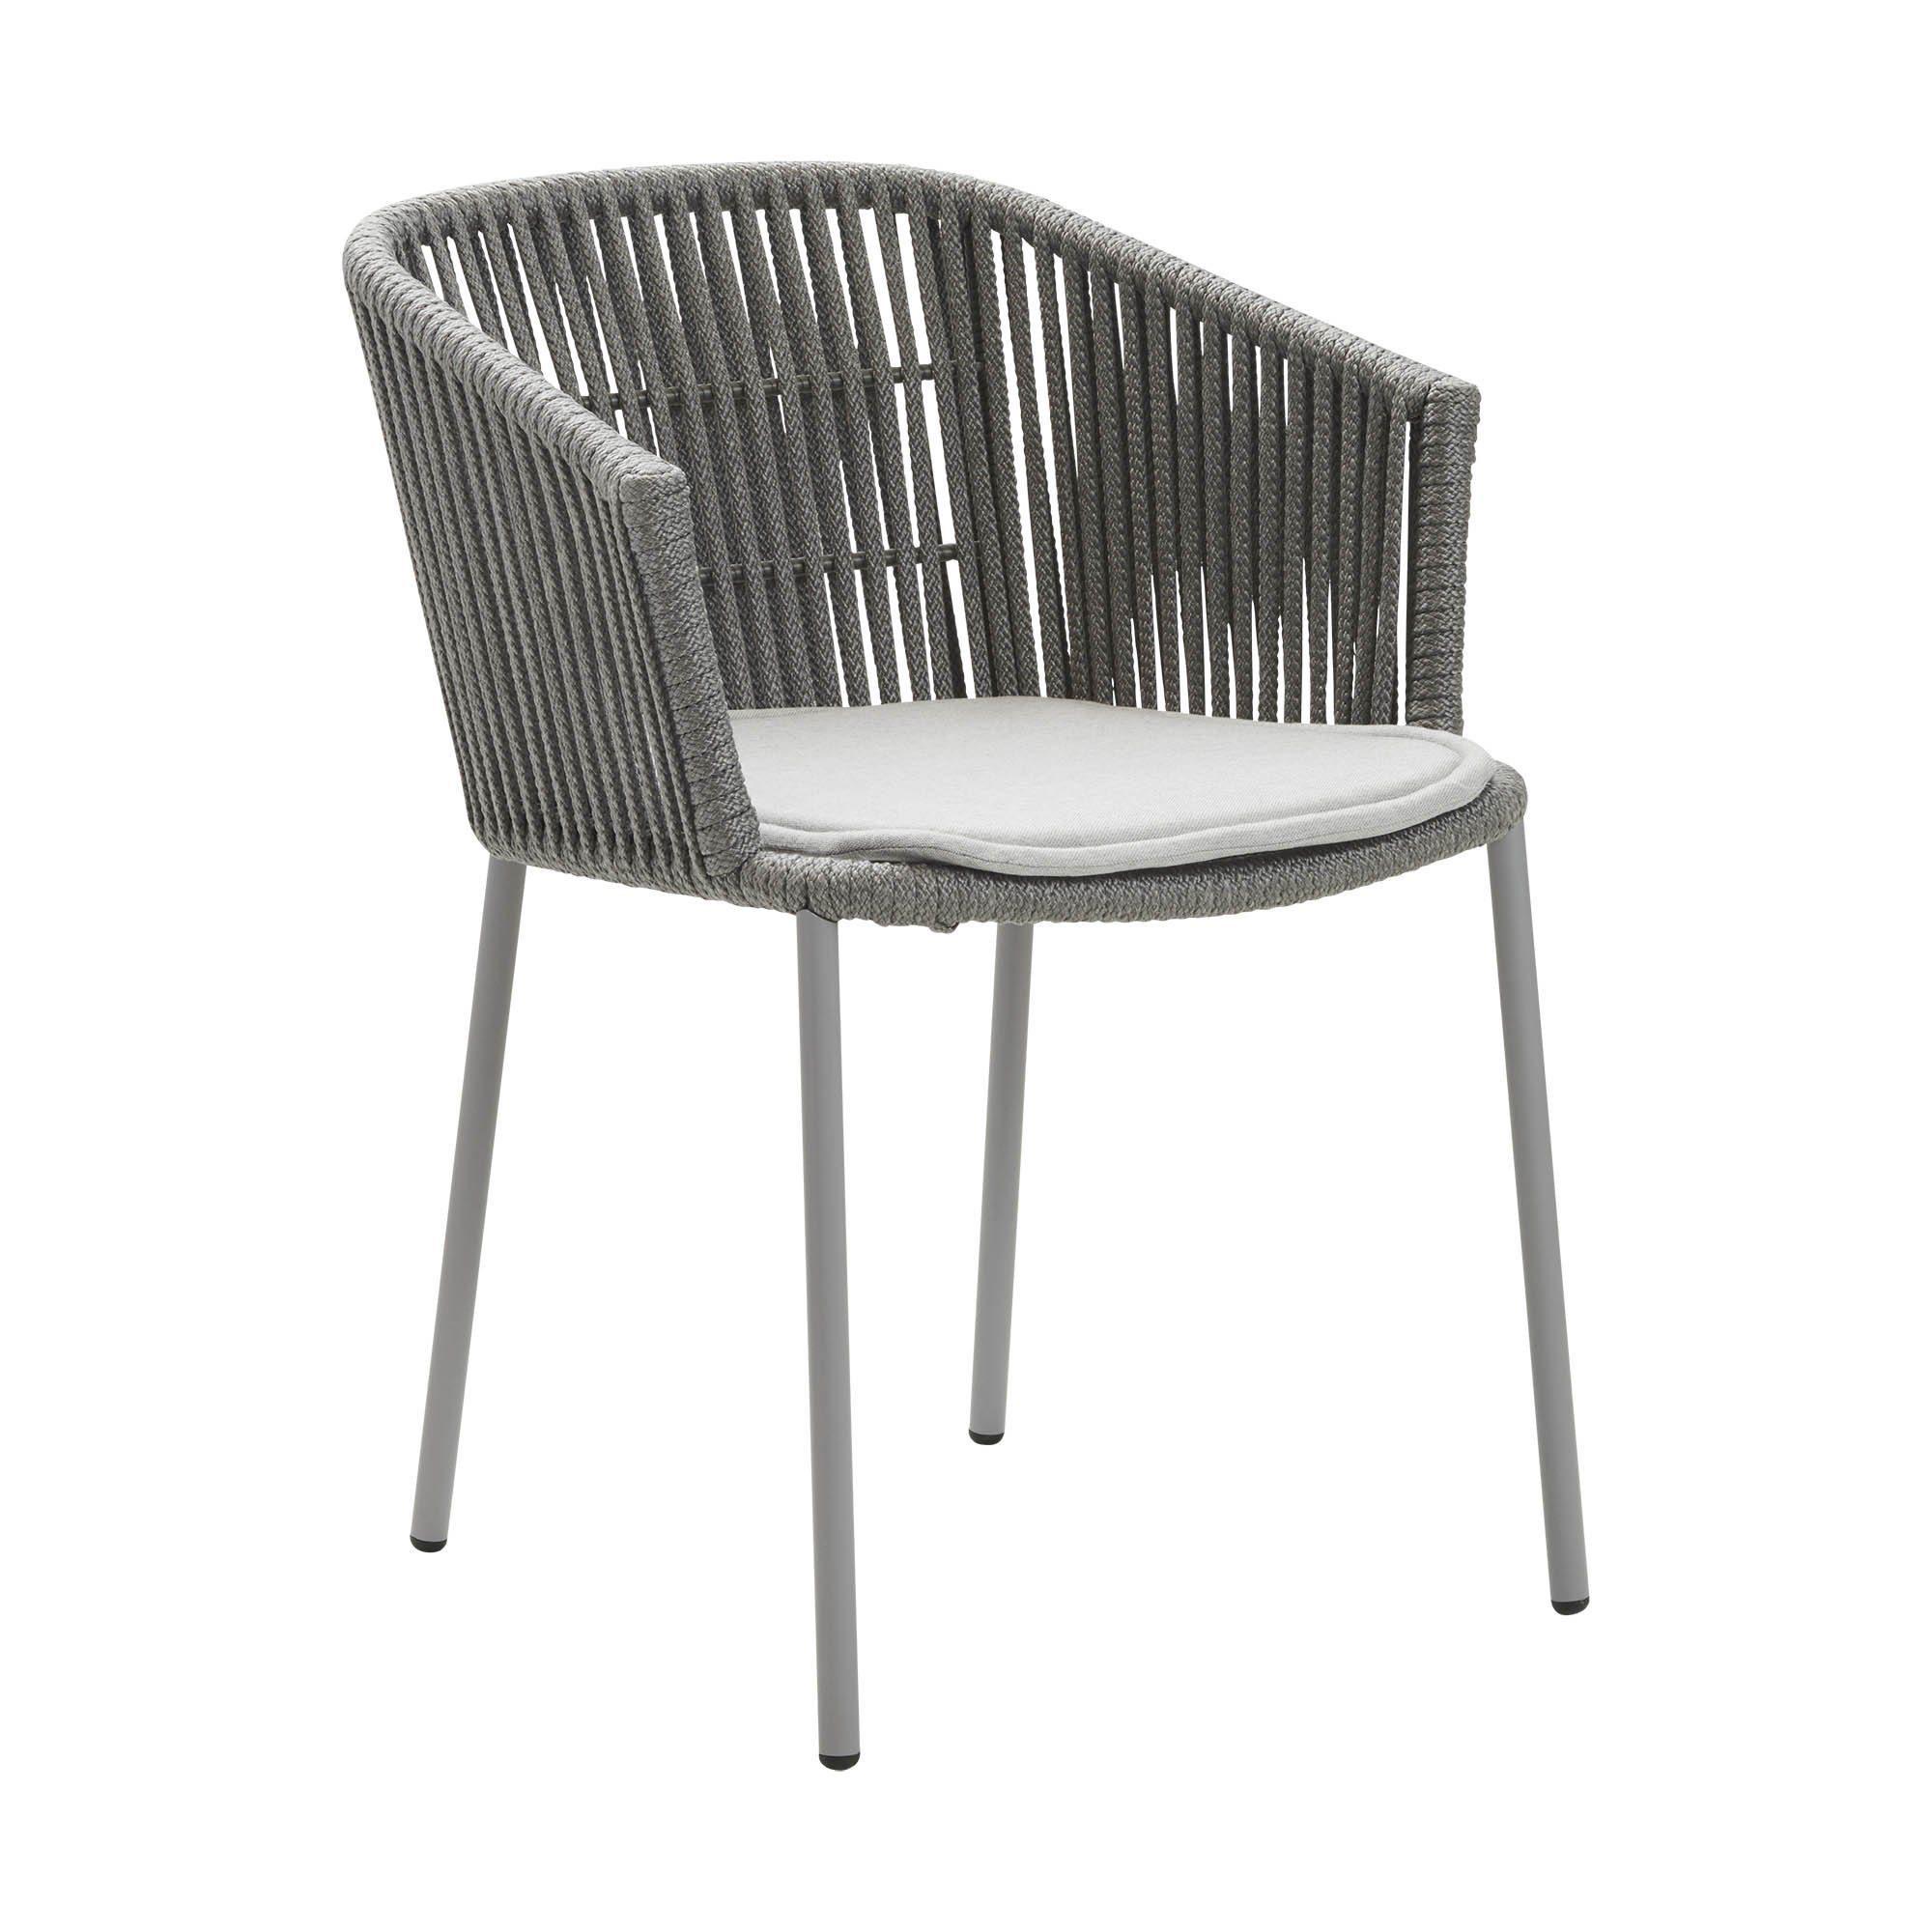 Moments karmstol från Cane-Line, här med ljusgrå sittdyna.